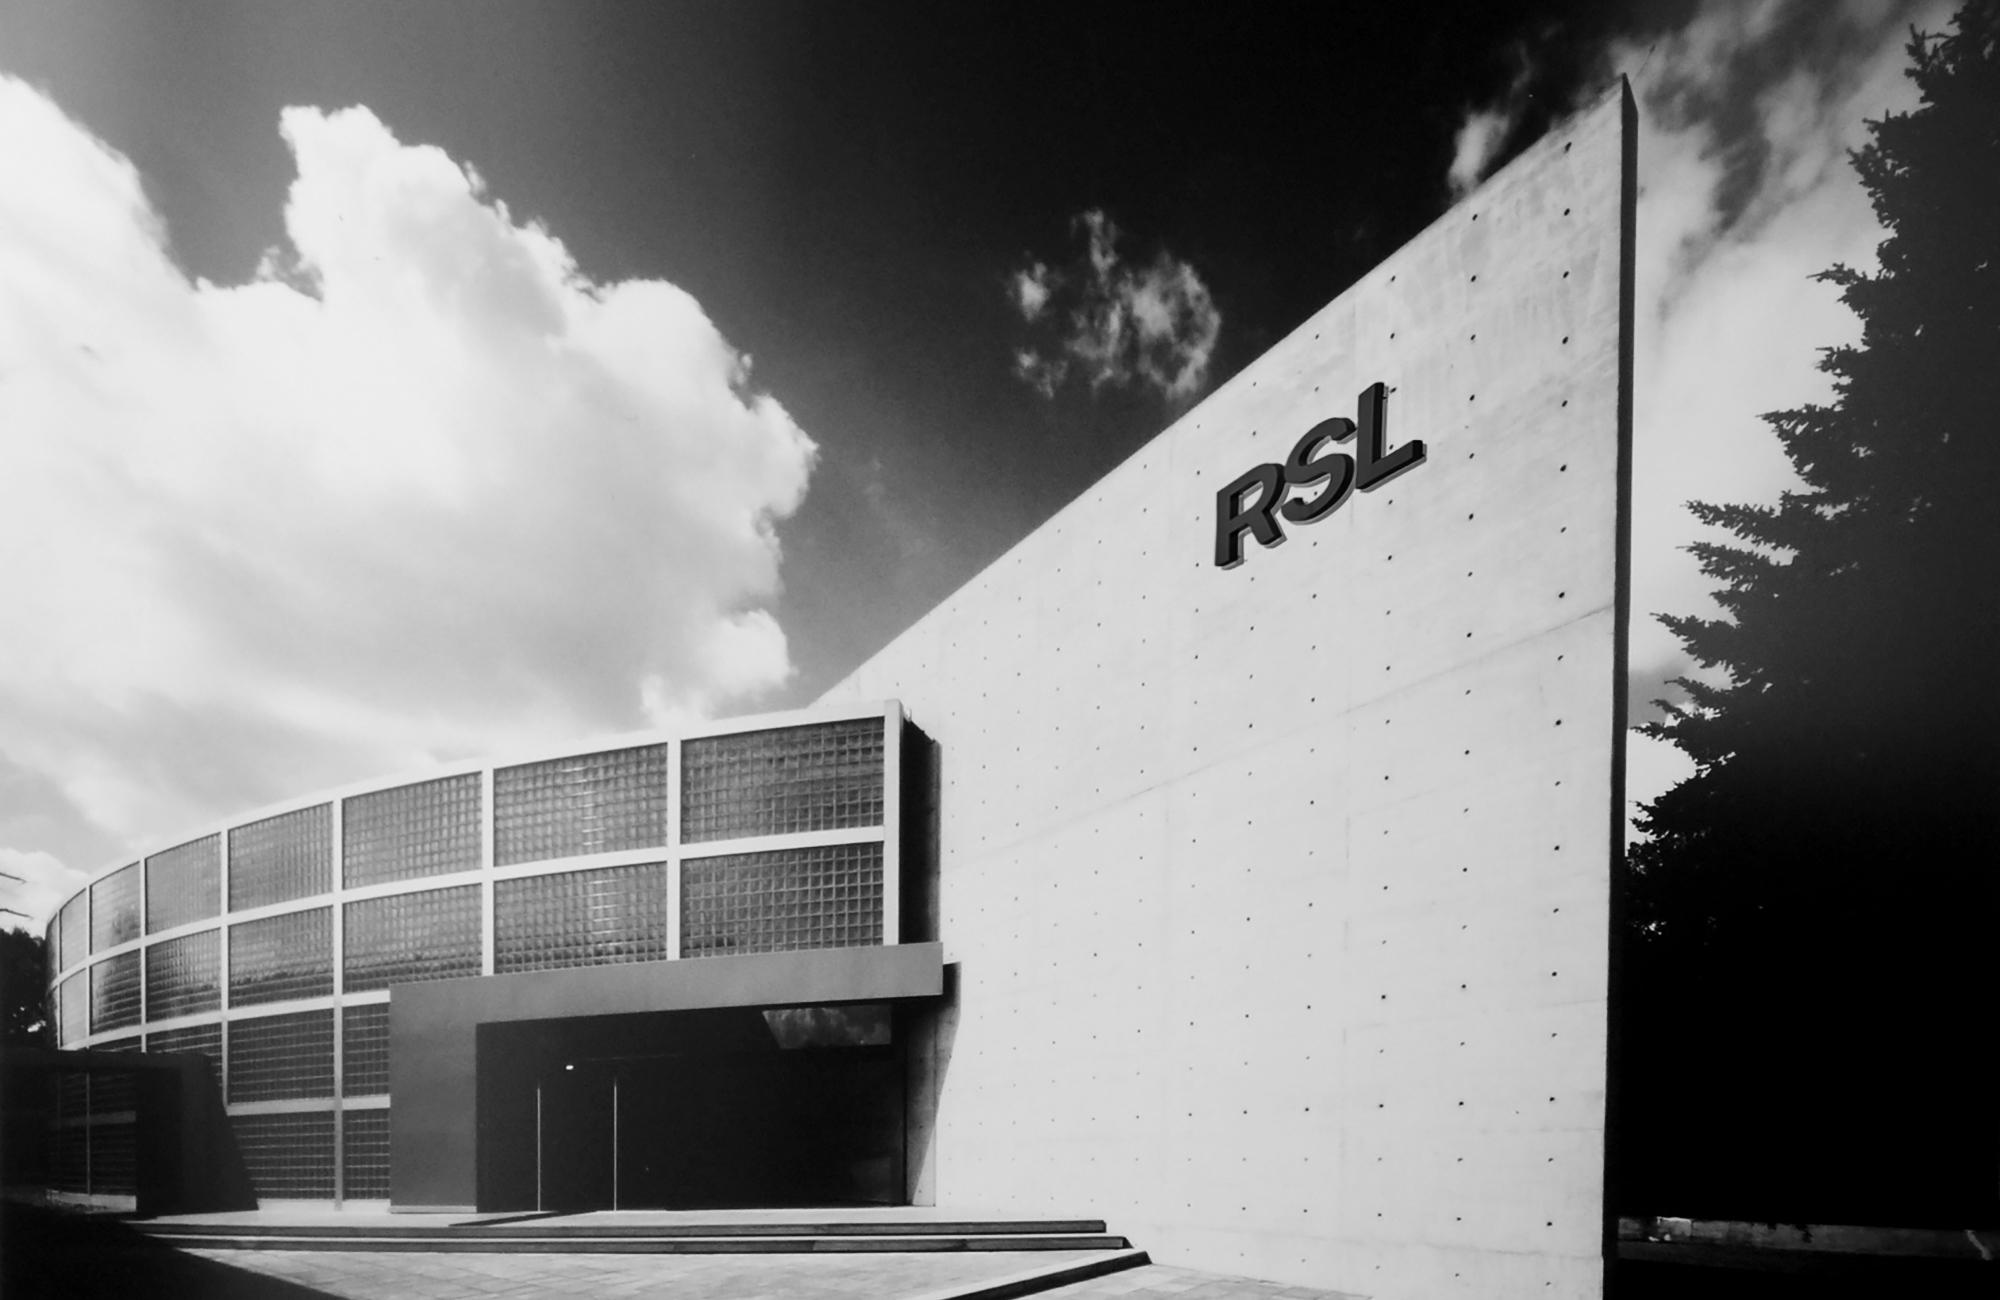 Firmengebäude in Sankt Augustin